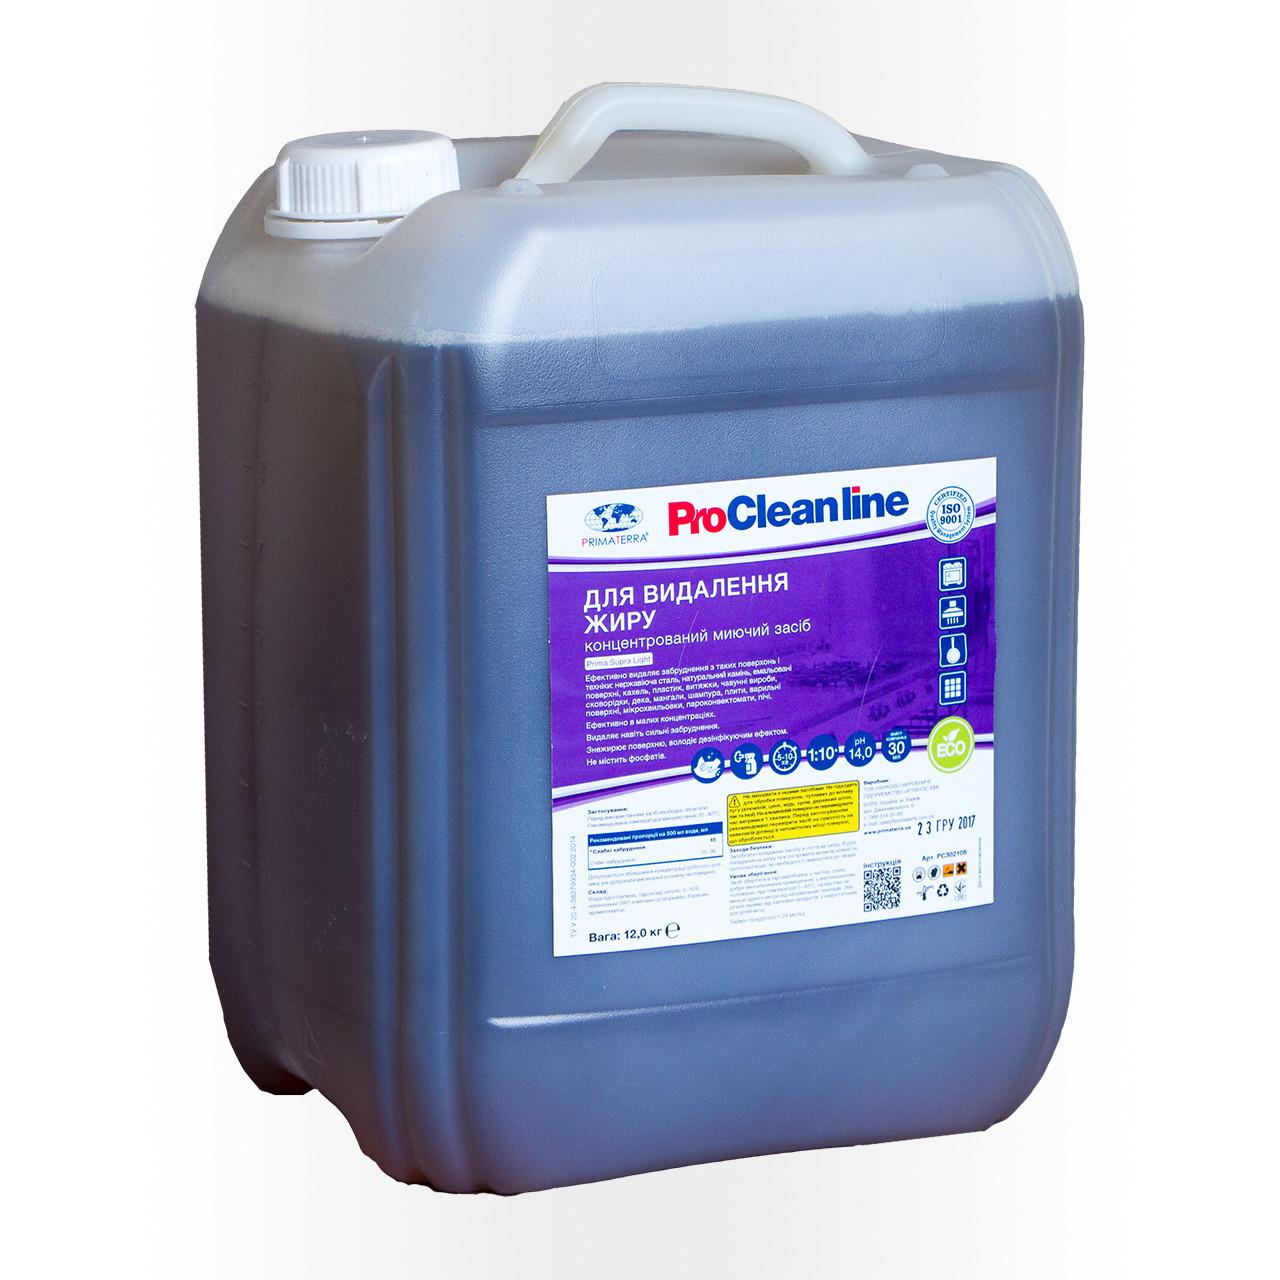 Для удаления жира, пригара, копоти, концентрат (1/8), PRIMATERRA Supra light (12кг)